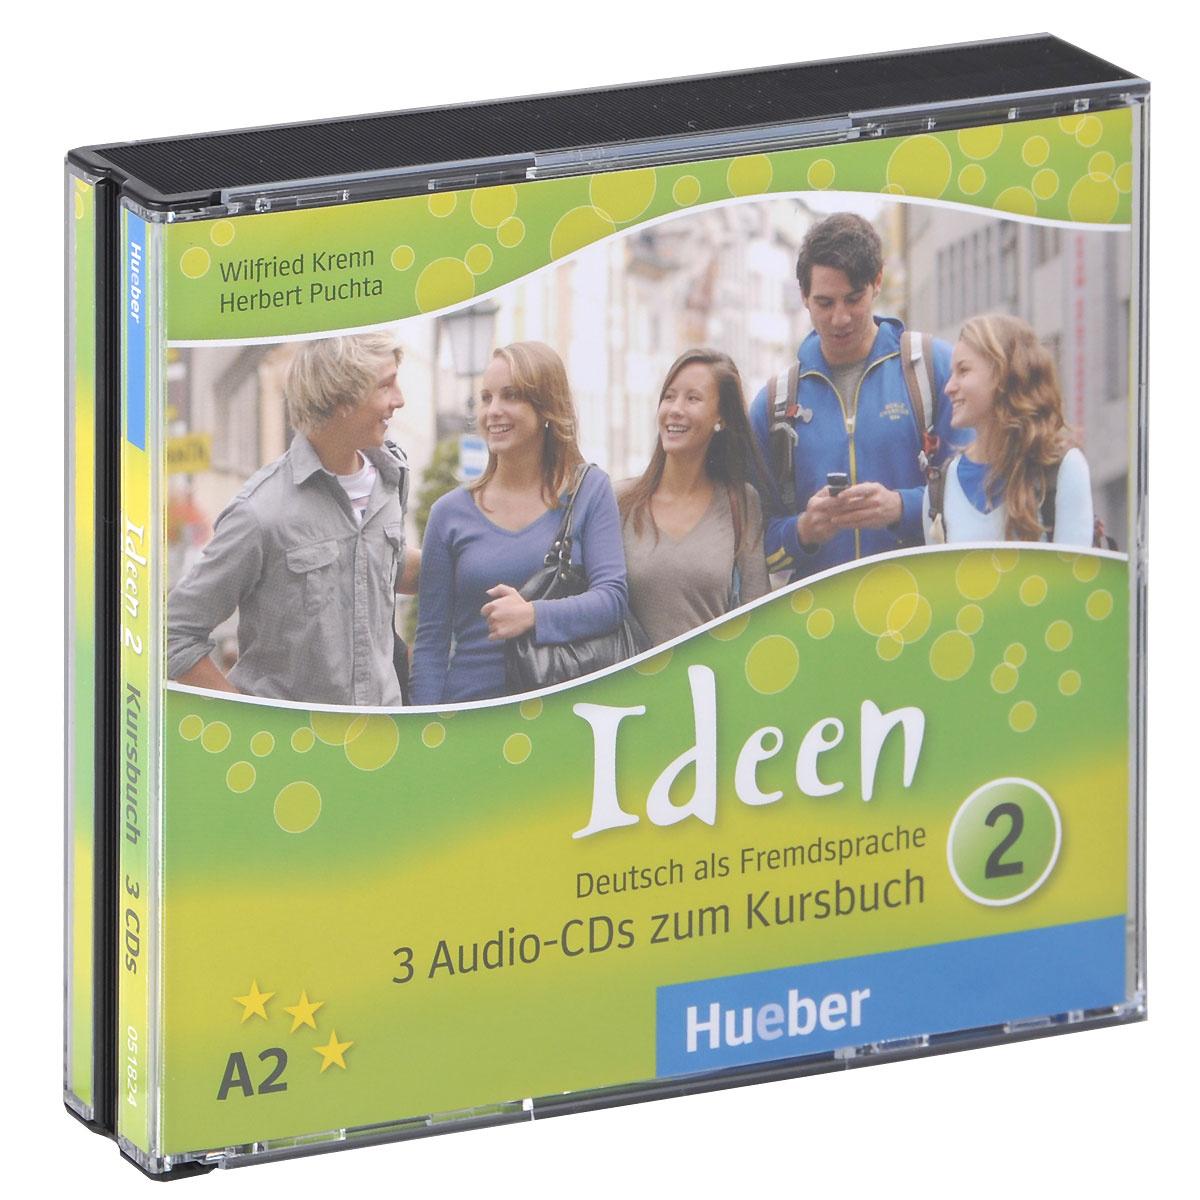 Ideen 2 (аудиокурс на 3 CD) | Krenn Wilfried, Пучта Херберт #1